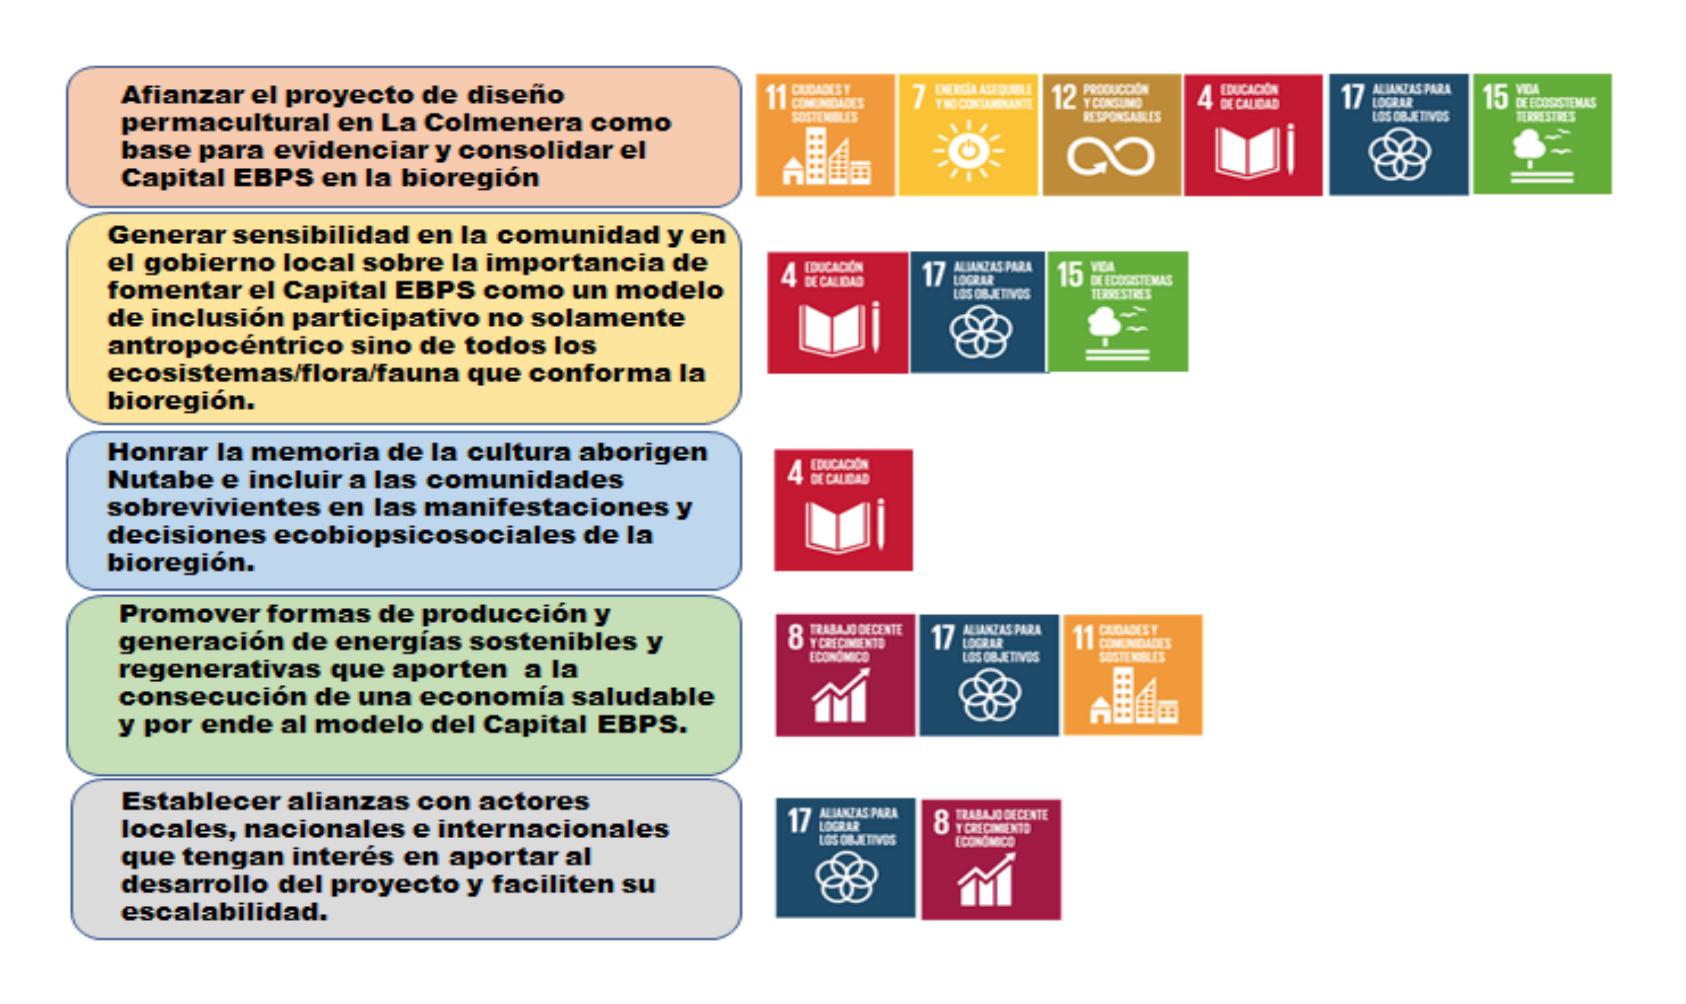 La Colmenera's goals related to the SDGs